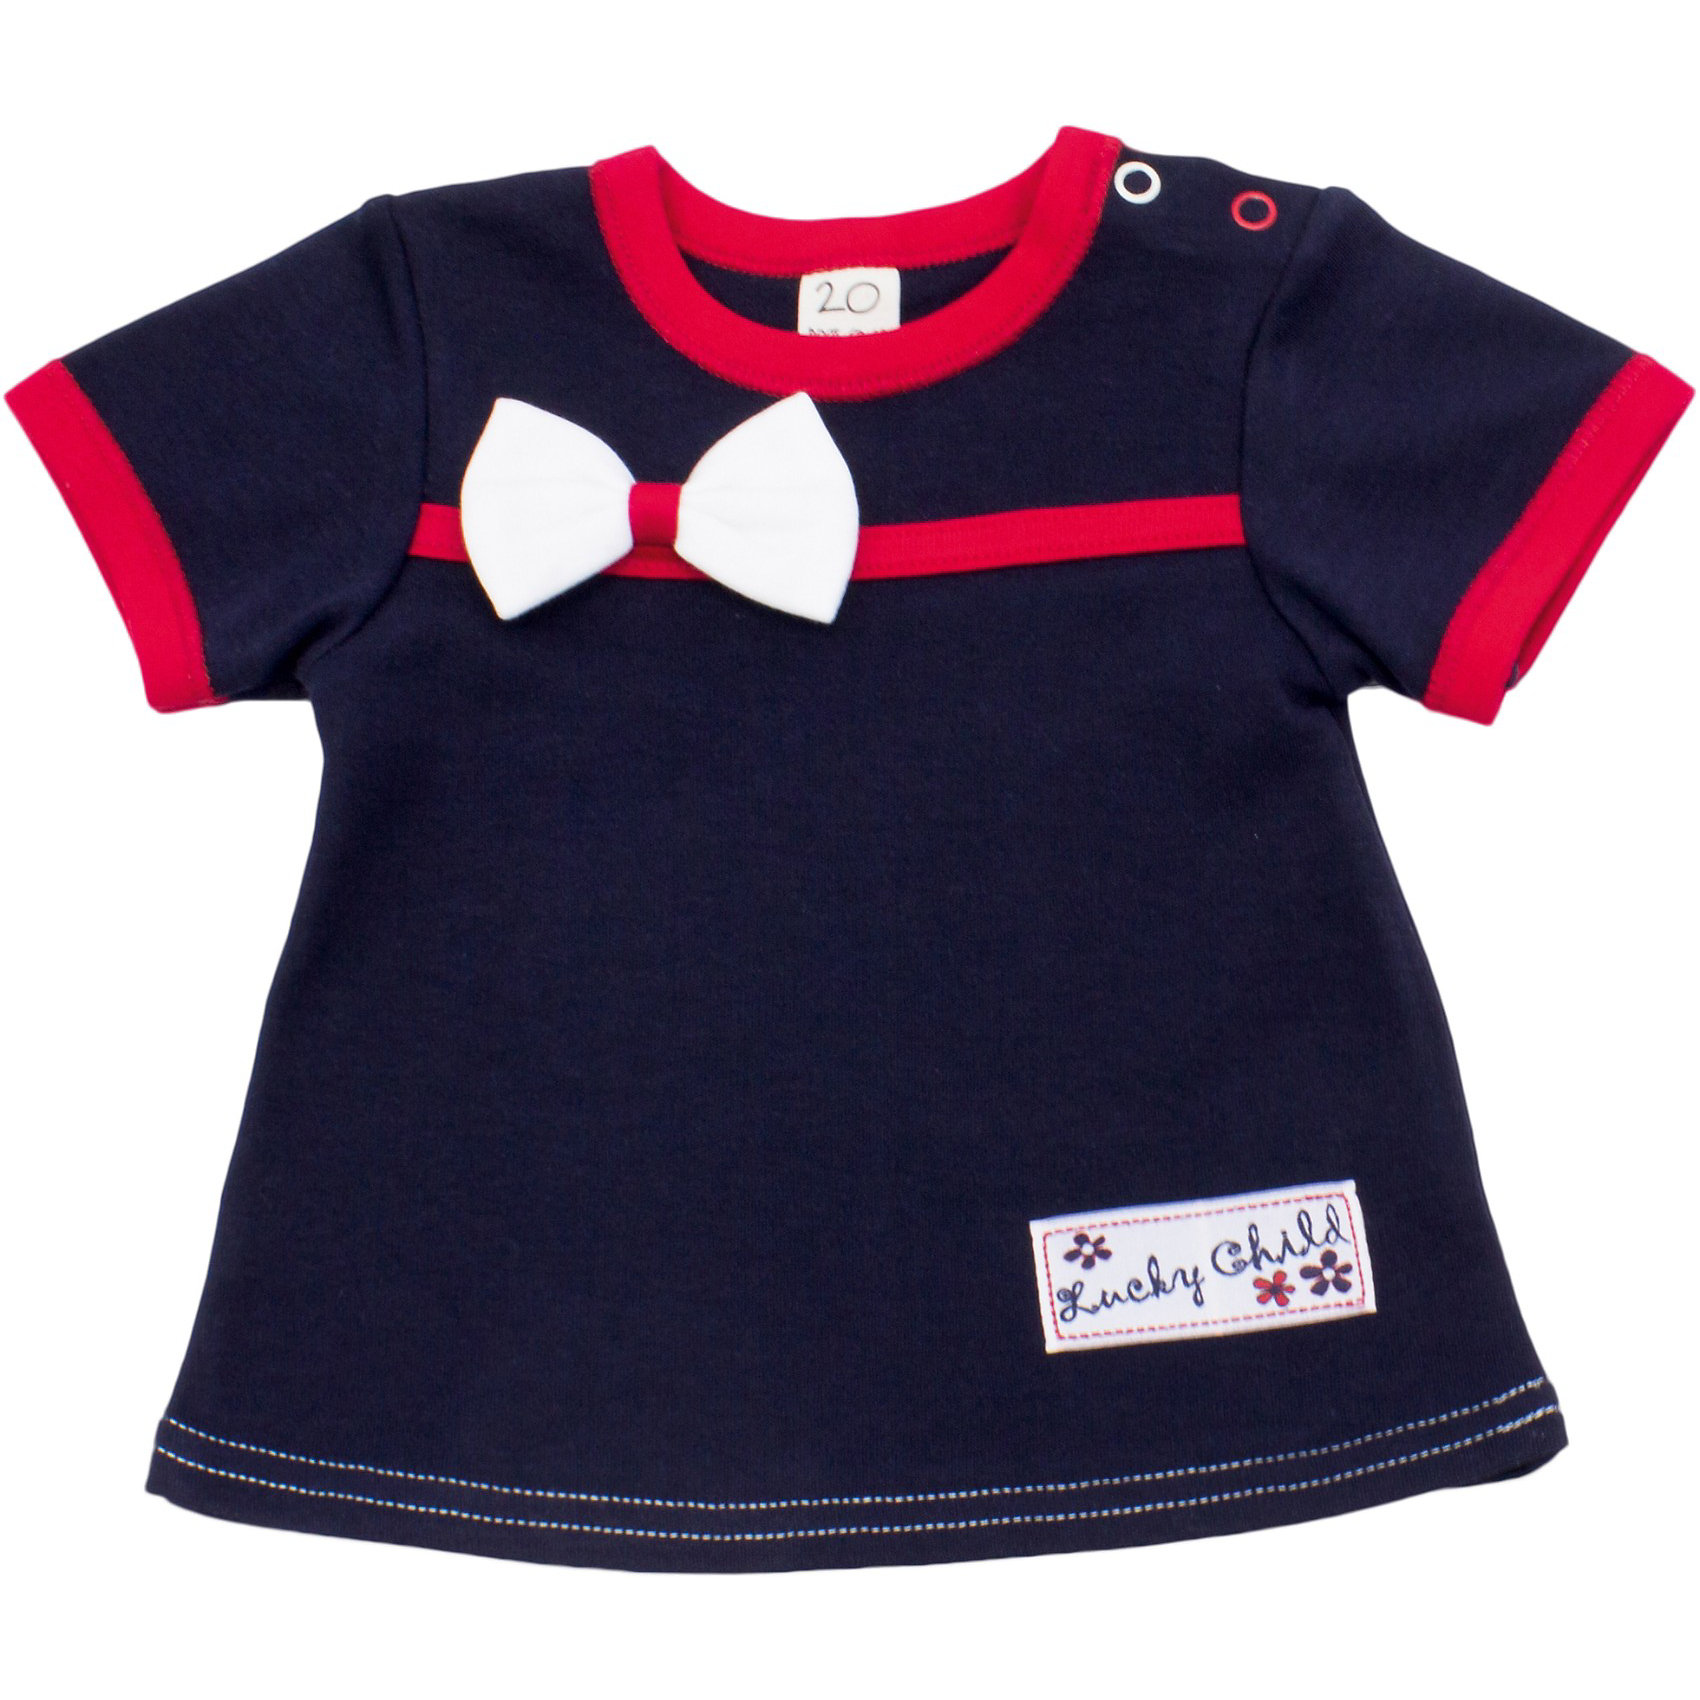 Футболка для девочки Lucky ChildФутболка для девочки Lucky Child<br>Неповторимое достоинство одежды от Lucky Child заключается в универсальной роскоши вещей. Одну и ту же вещь можно надеть на торжественное мероприятие и для прогулки на улице. Футболка – полезная вещь в гардеробе каждого модника, она отлично сочетается со штанишками, юбочками или шортиками. Комплект нарядов ограничивается только вашей фантазией!<br>Состав : 100% хлопок<br><br>Ширина мм: 199<br>Глубина мм: 10<br>Высота мм: 161<br>Вес г: 151<br>Цвет: синий<br>Возраст от месяцев: 6<br>Возраст до месяцев: 9<br>Пол: Женский<br>Возраст: Детский<br>Размер: 68/74,92/98,80/86,98/104,86/92,74/80,62/68<br>SKU: 3713377